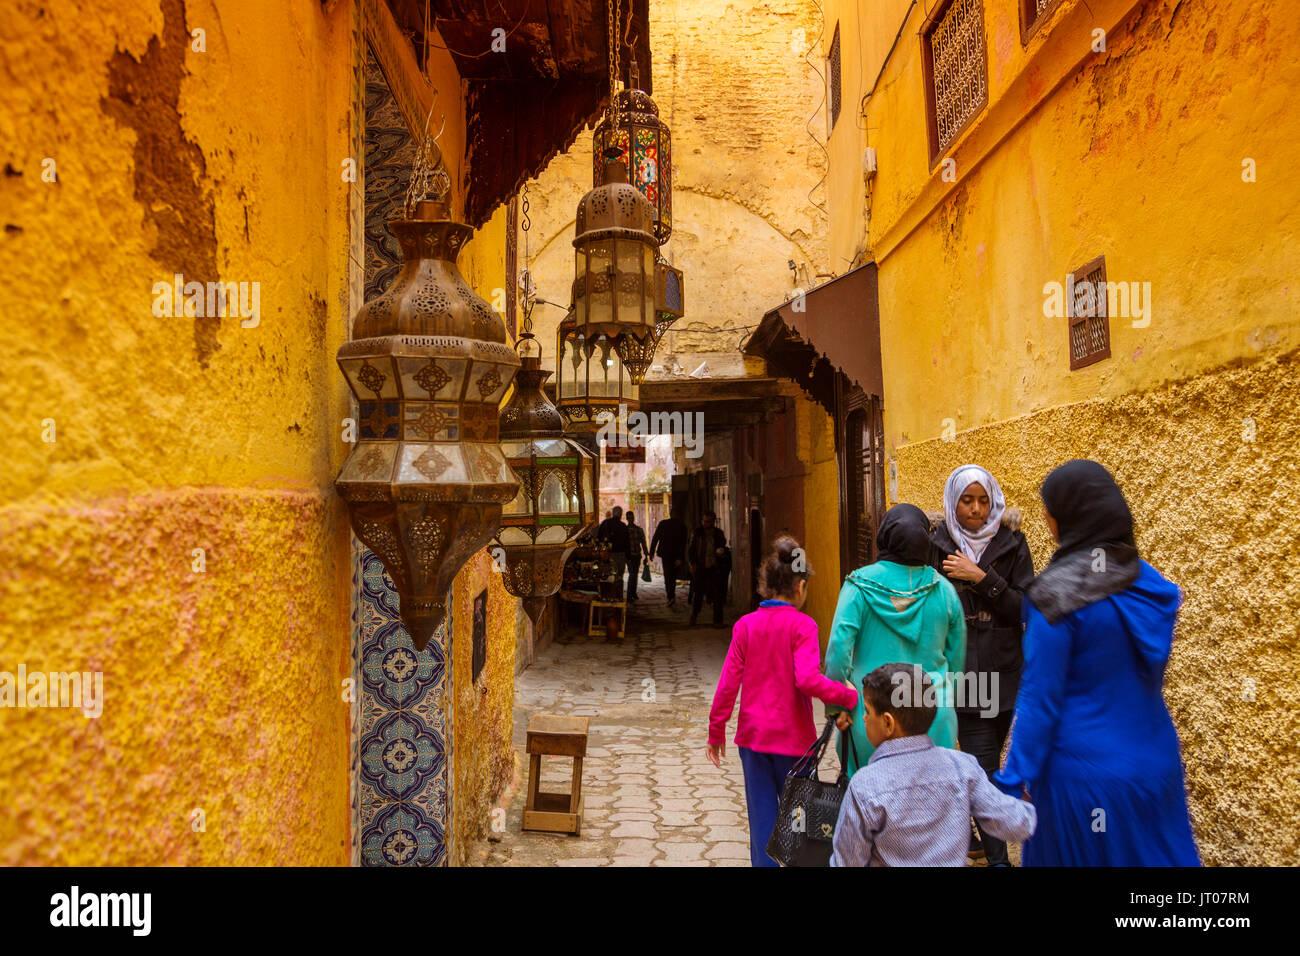 Das Leben auf der Straße. Kaiserliche Stadt Meknes, Marokko, Maghreb Nordafrika Stockbild